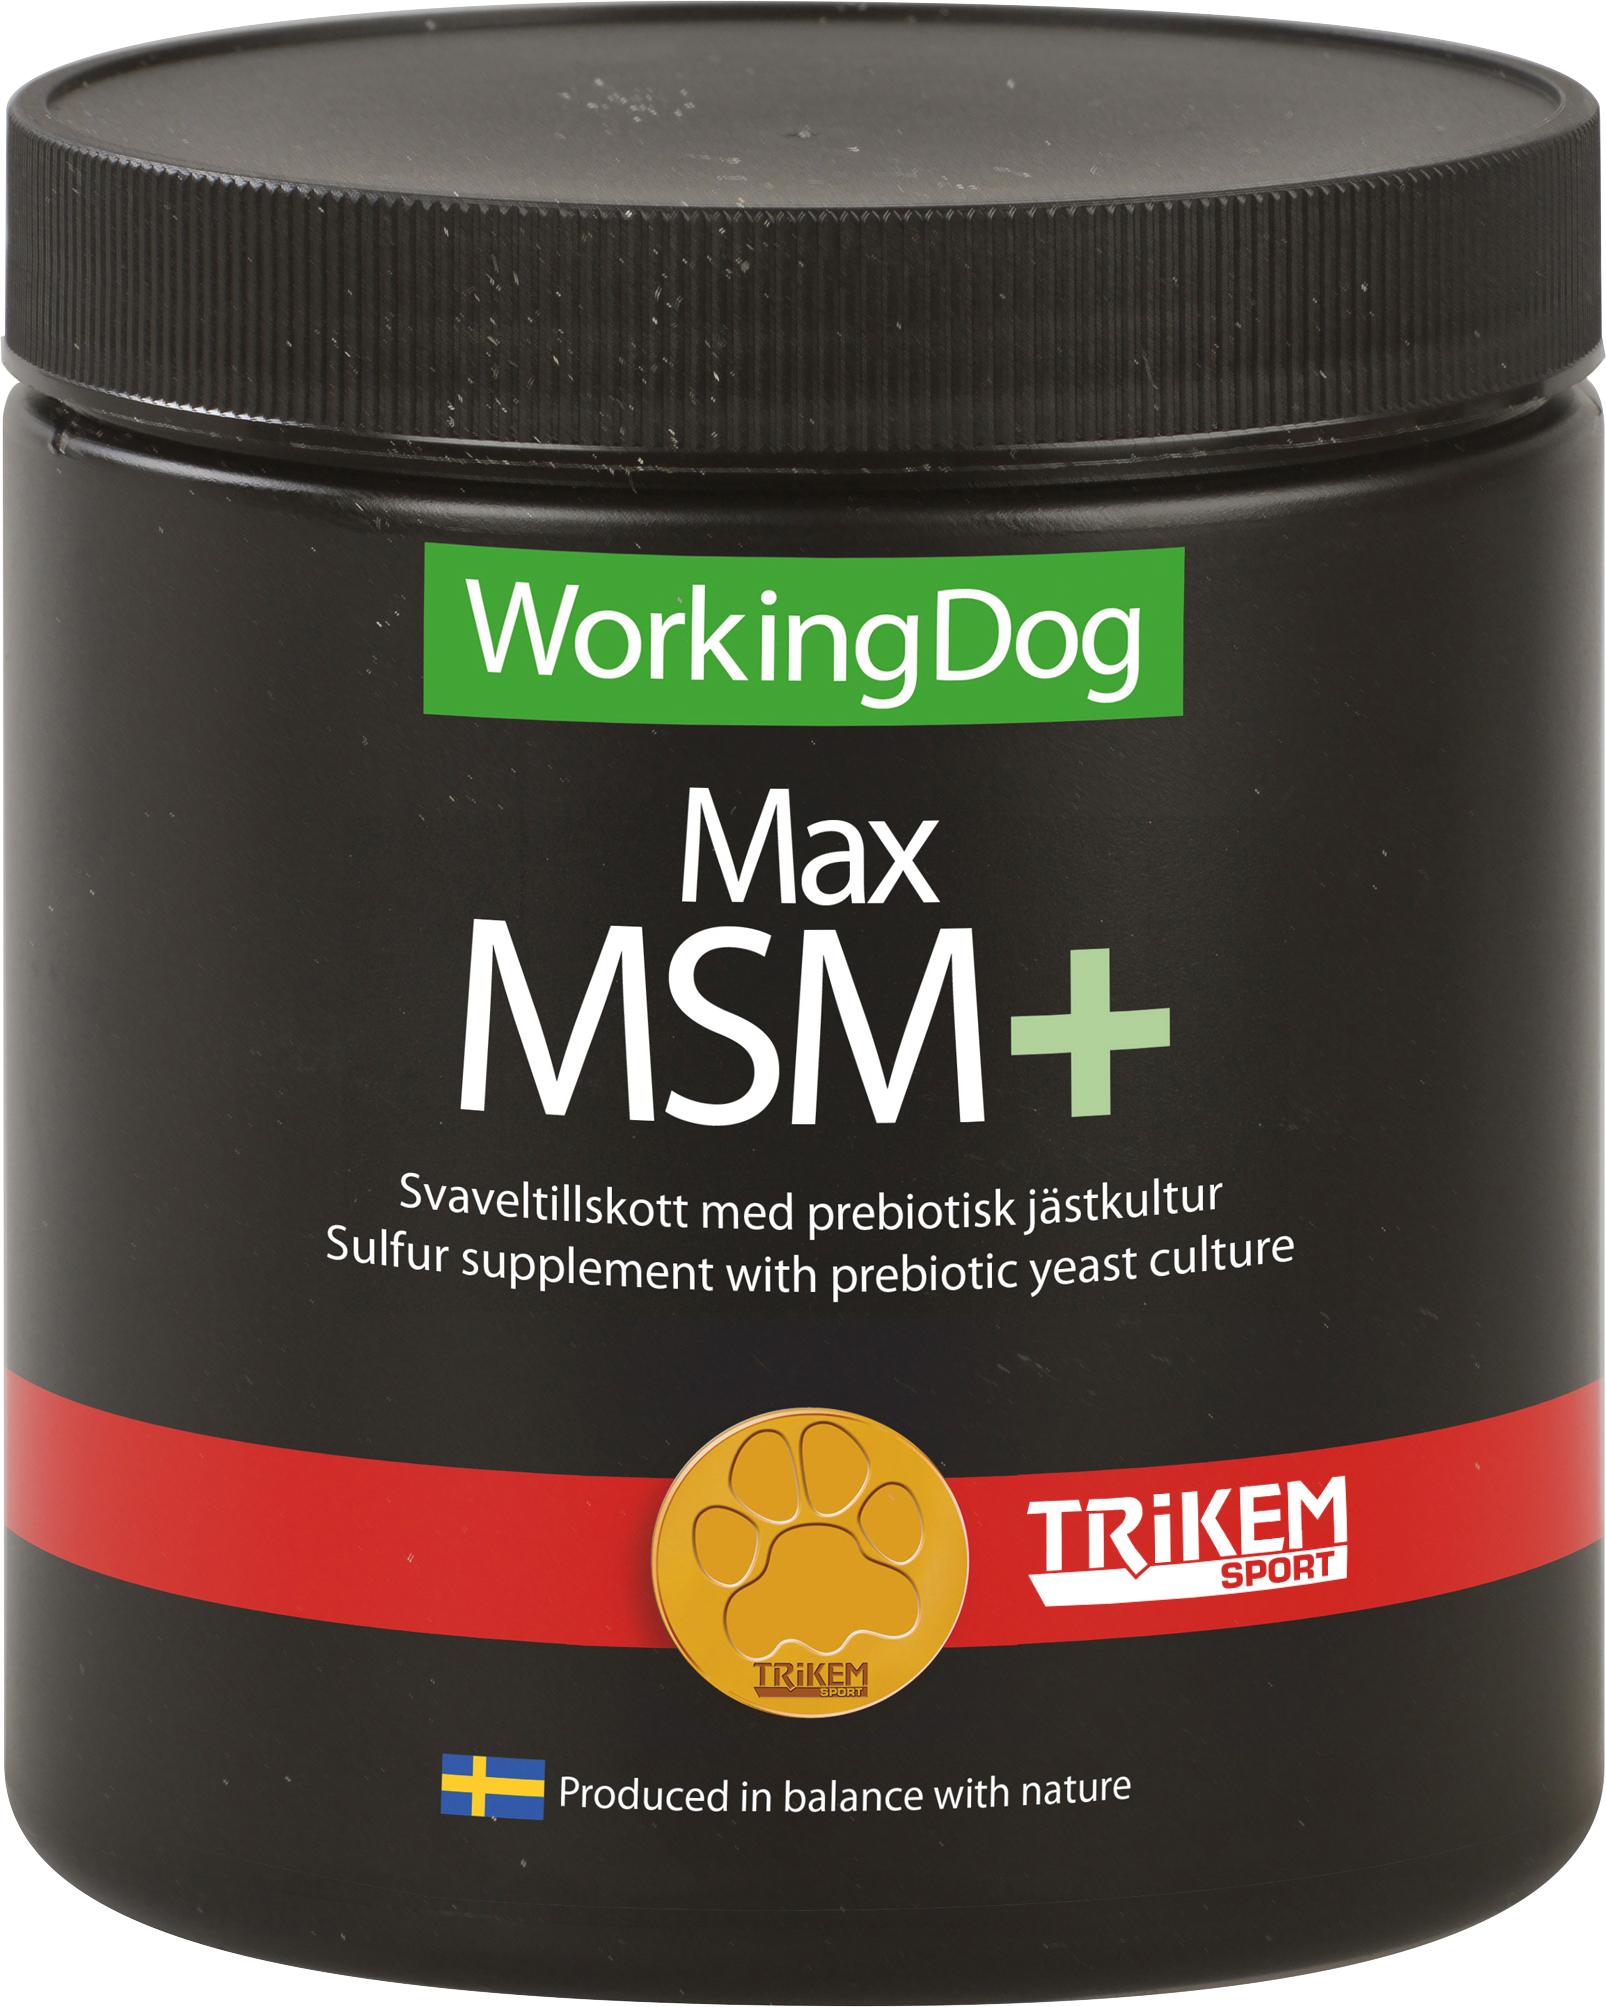 Tillskott Trikem WorkingDog Max MSM+, 450 g